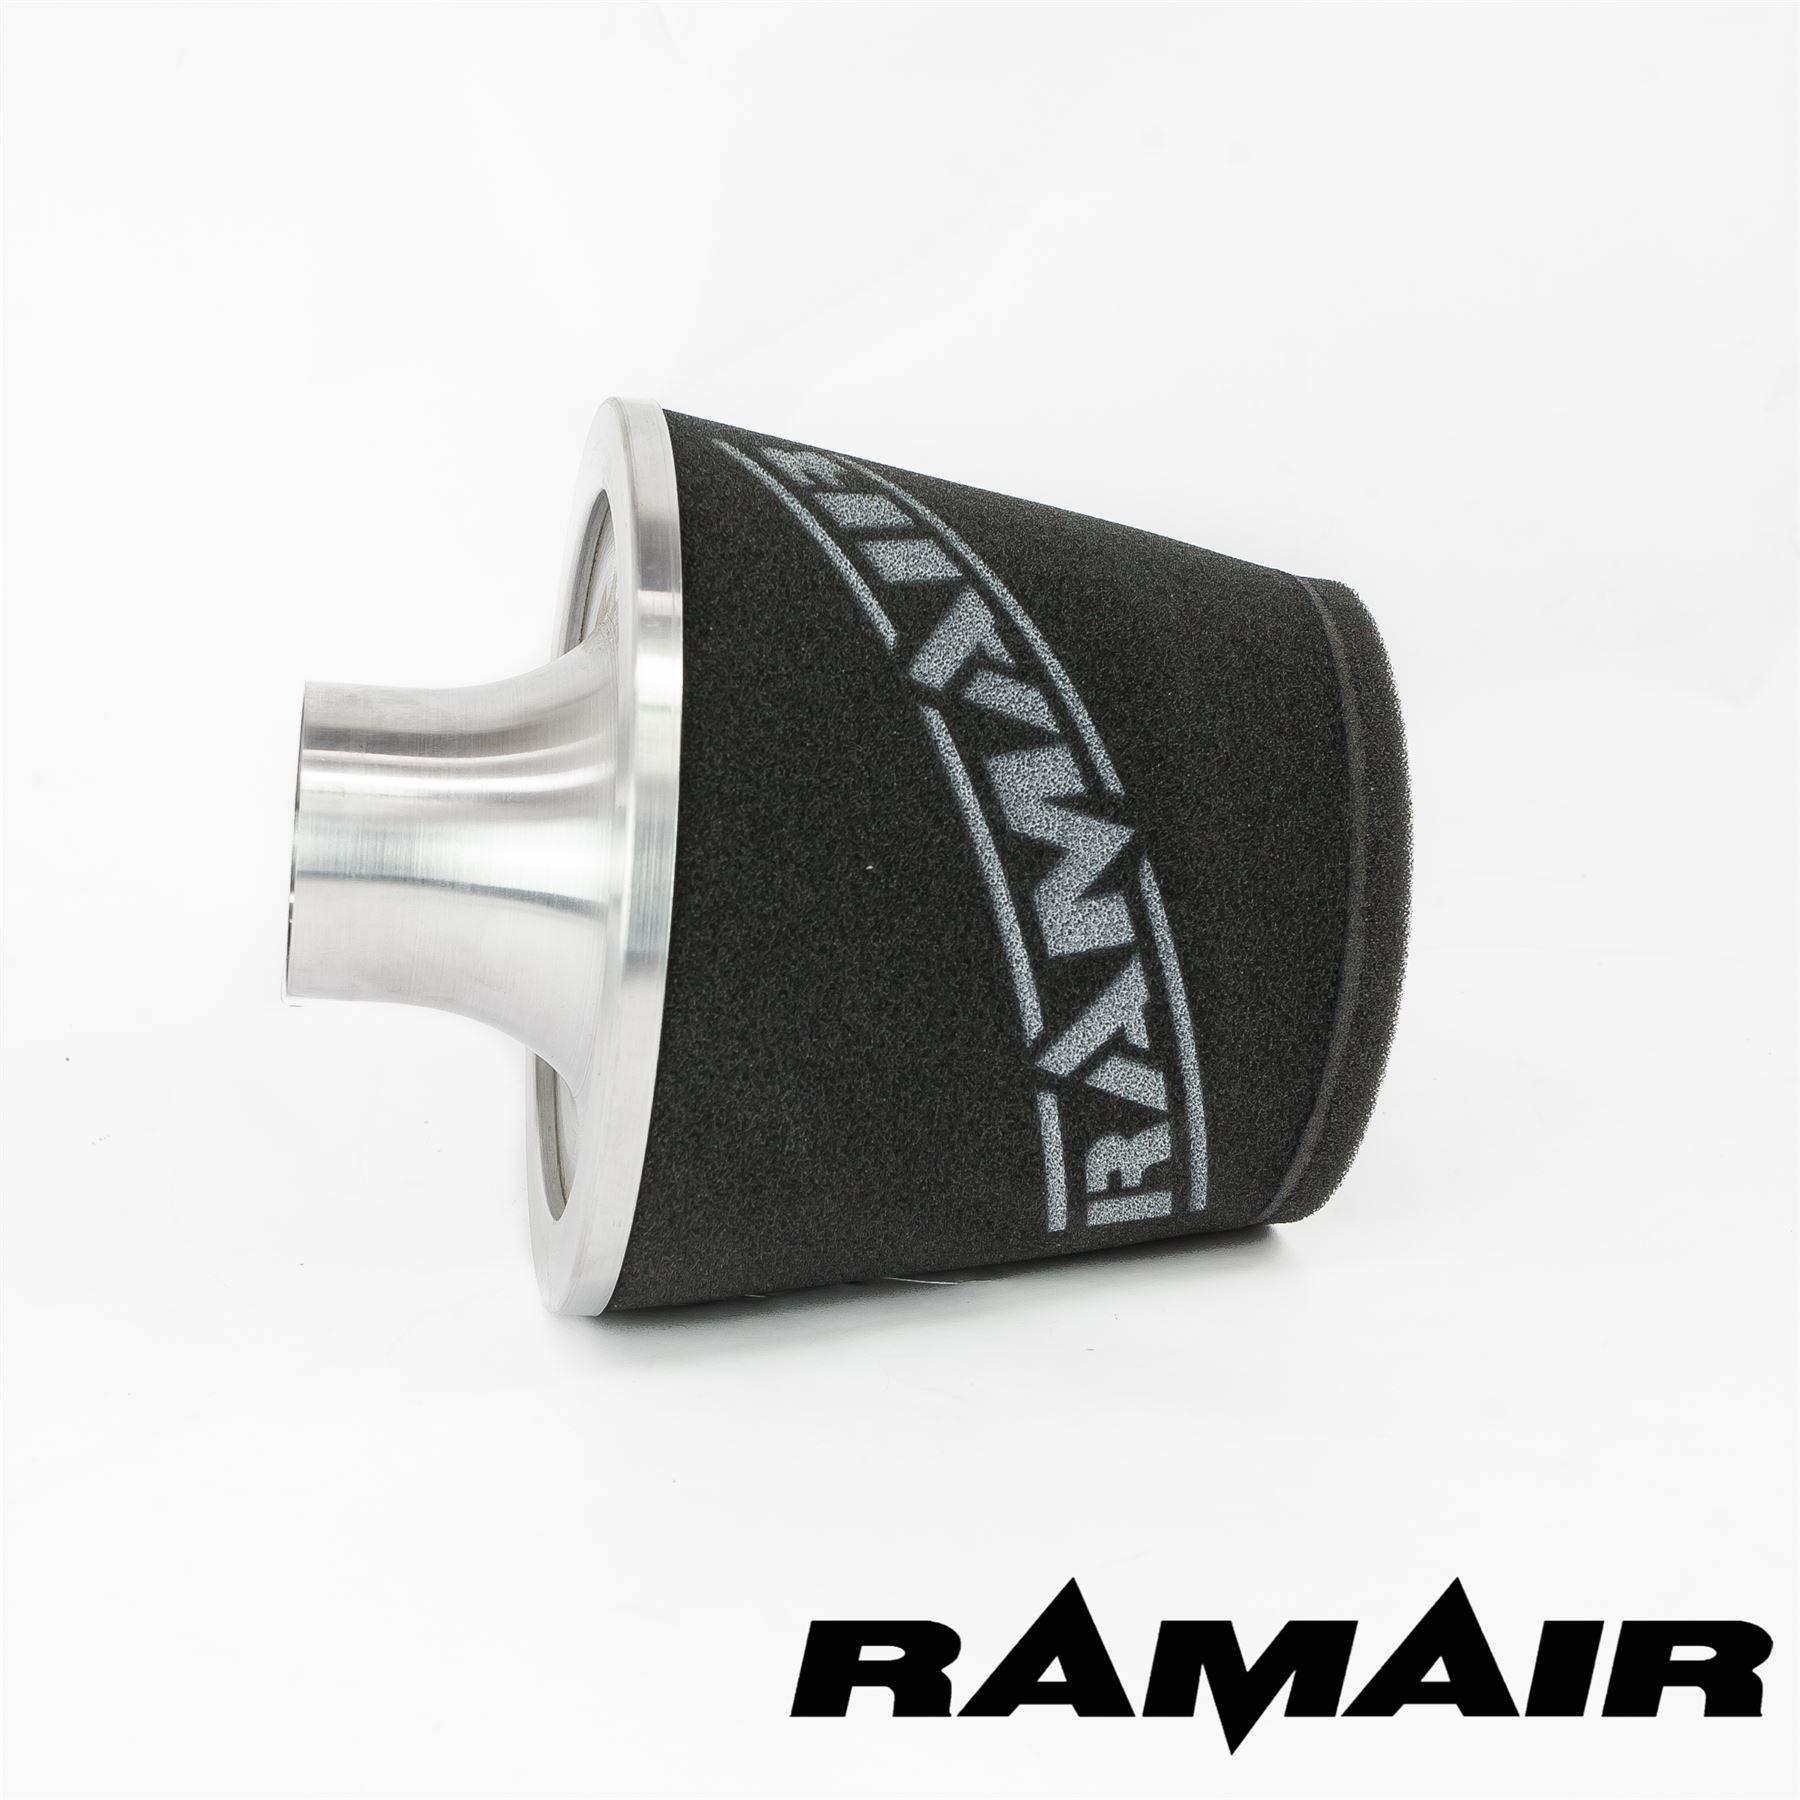 Nero Ramair Alluminio Induzione perormance FILTRO DELL/'ARIA UNIVERSALE 90Mm Collo Nuovo